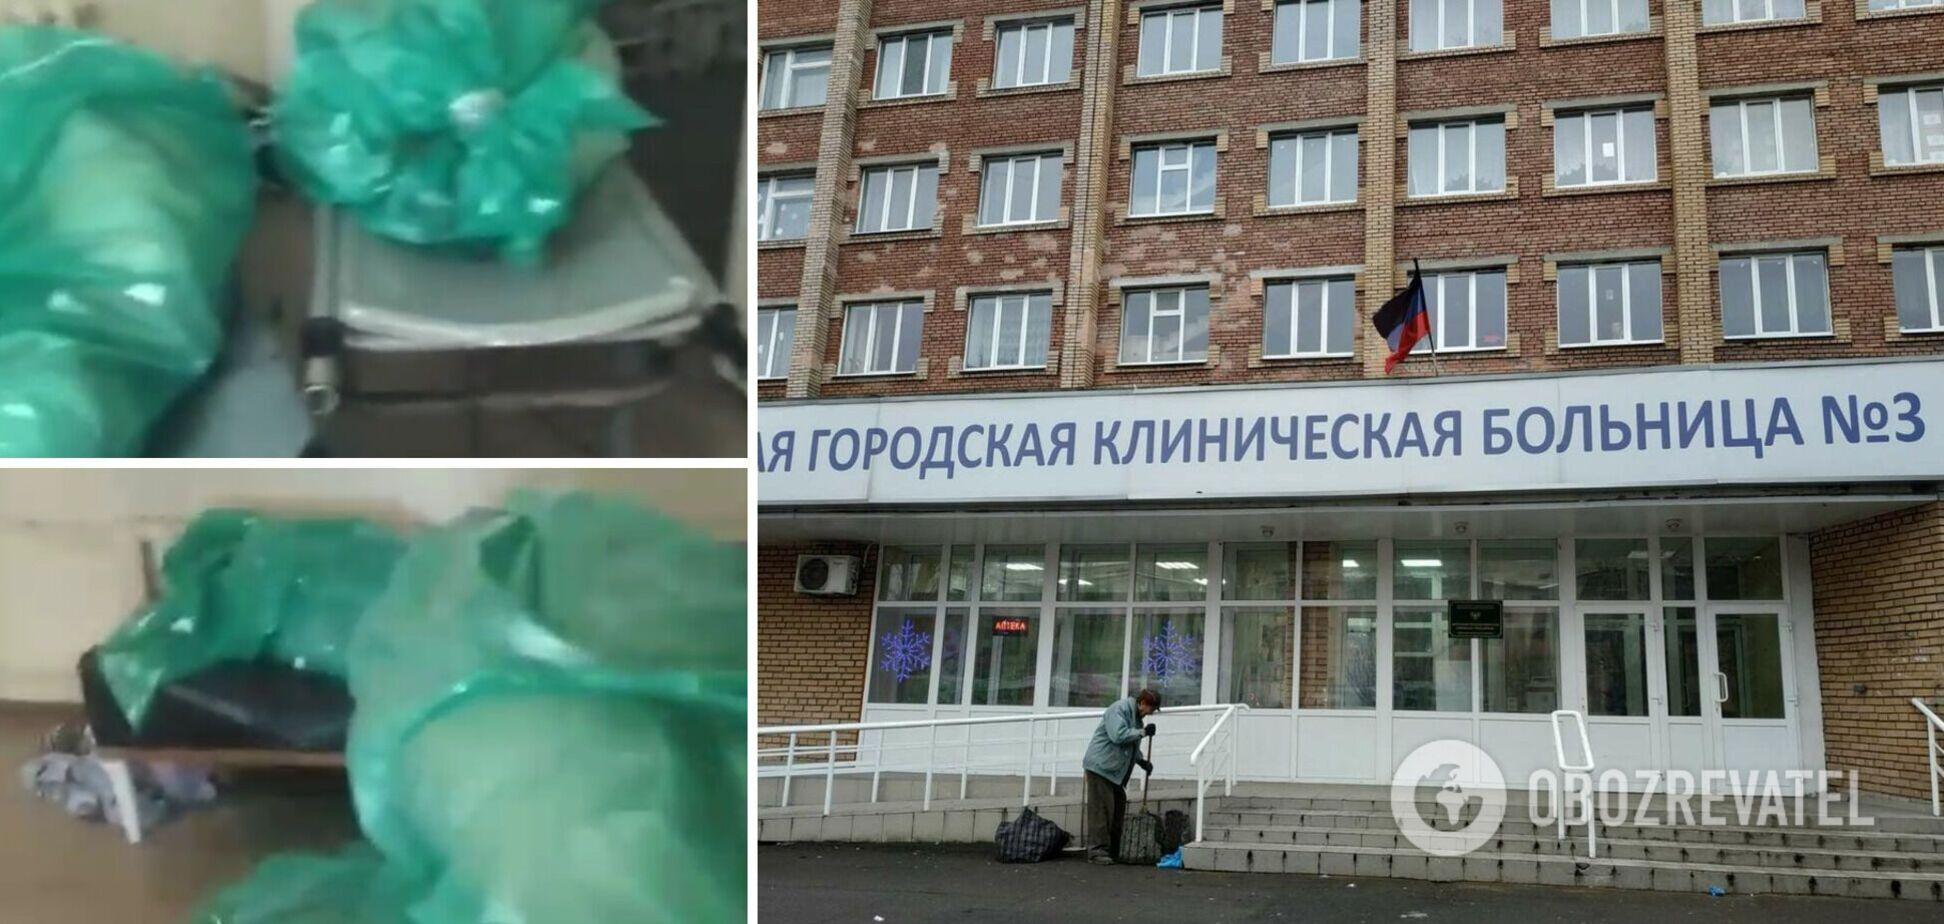 Всюди тіла в зелених мішках: в мережі показали відео з COVID-лікарні Донецька. 18+